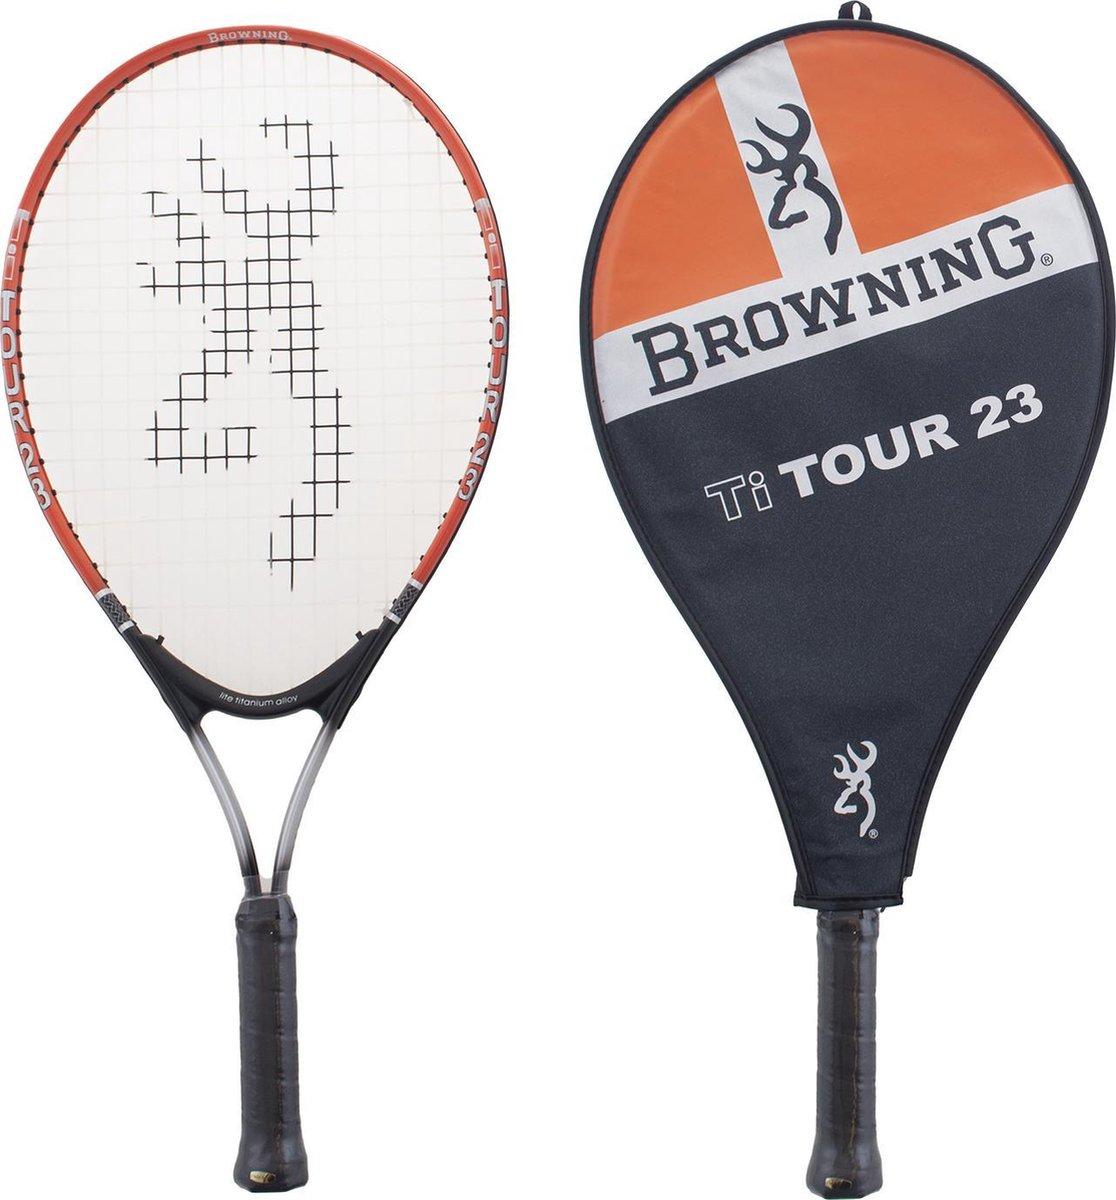 Browning Ti tour 23